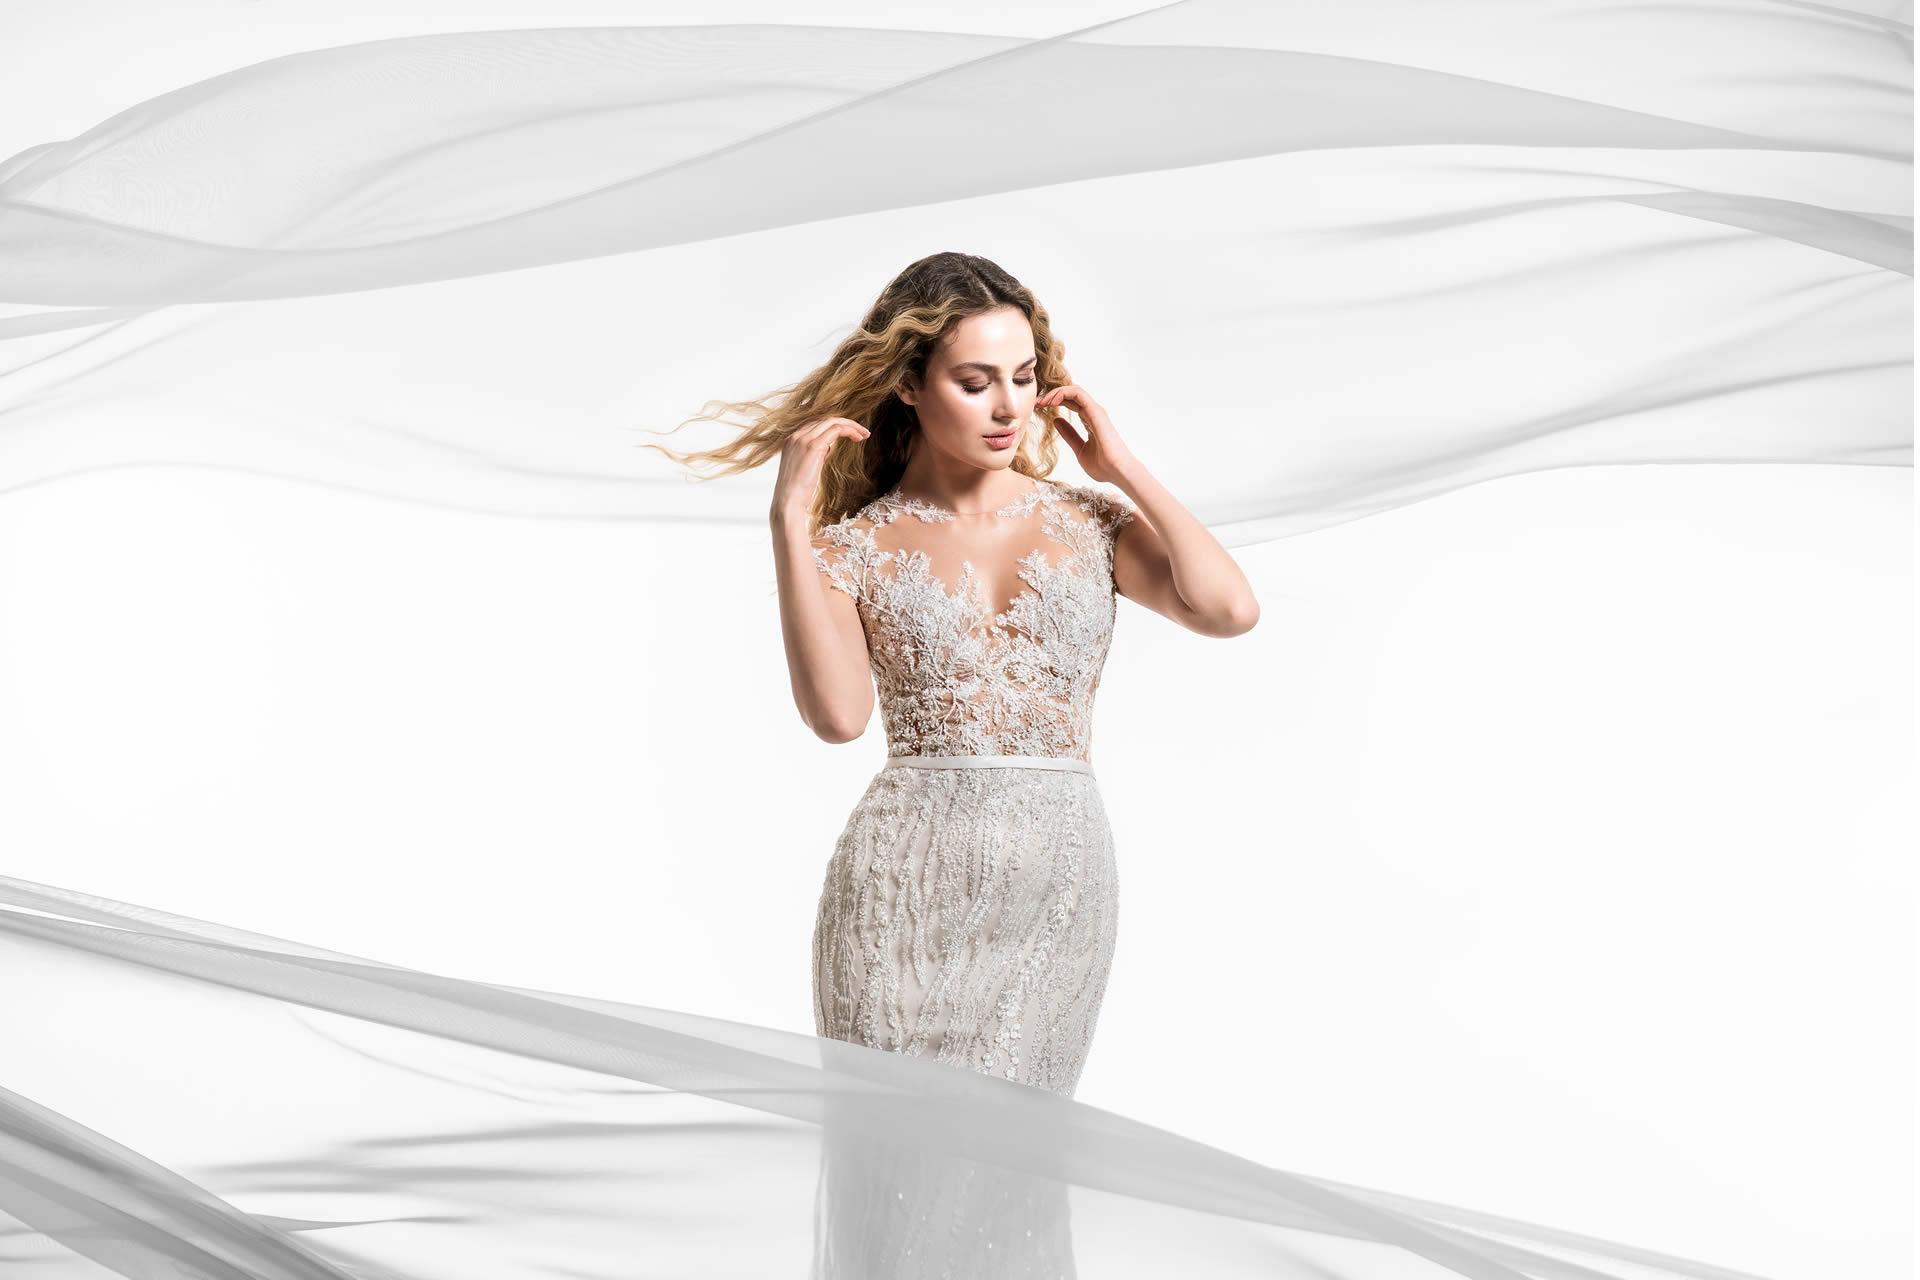 Jillian 2018 2019 abiti da sposa - collezione - collection - wedding dresses.jpg